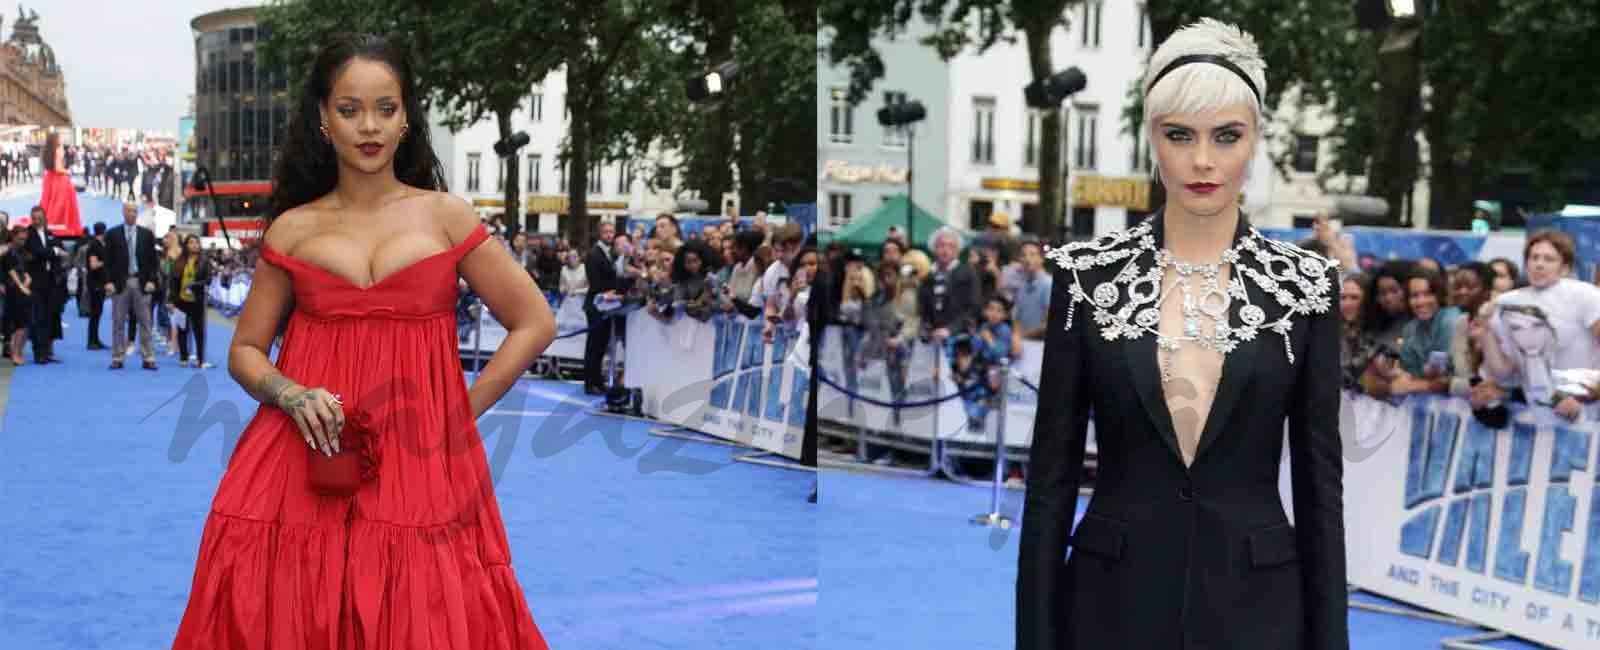 Rihanna y Cara Delevingne acaparan la atención en la alfombra roja de European Film